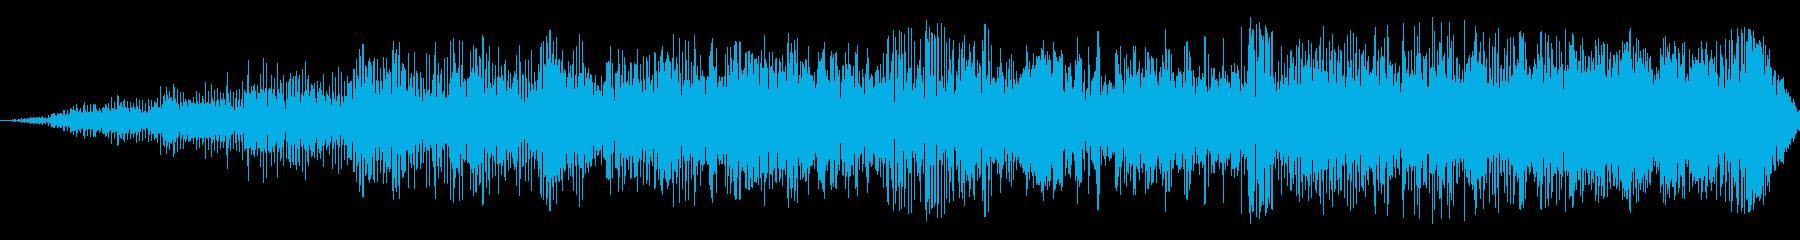 エネルギーパルス2の再生済みの波形